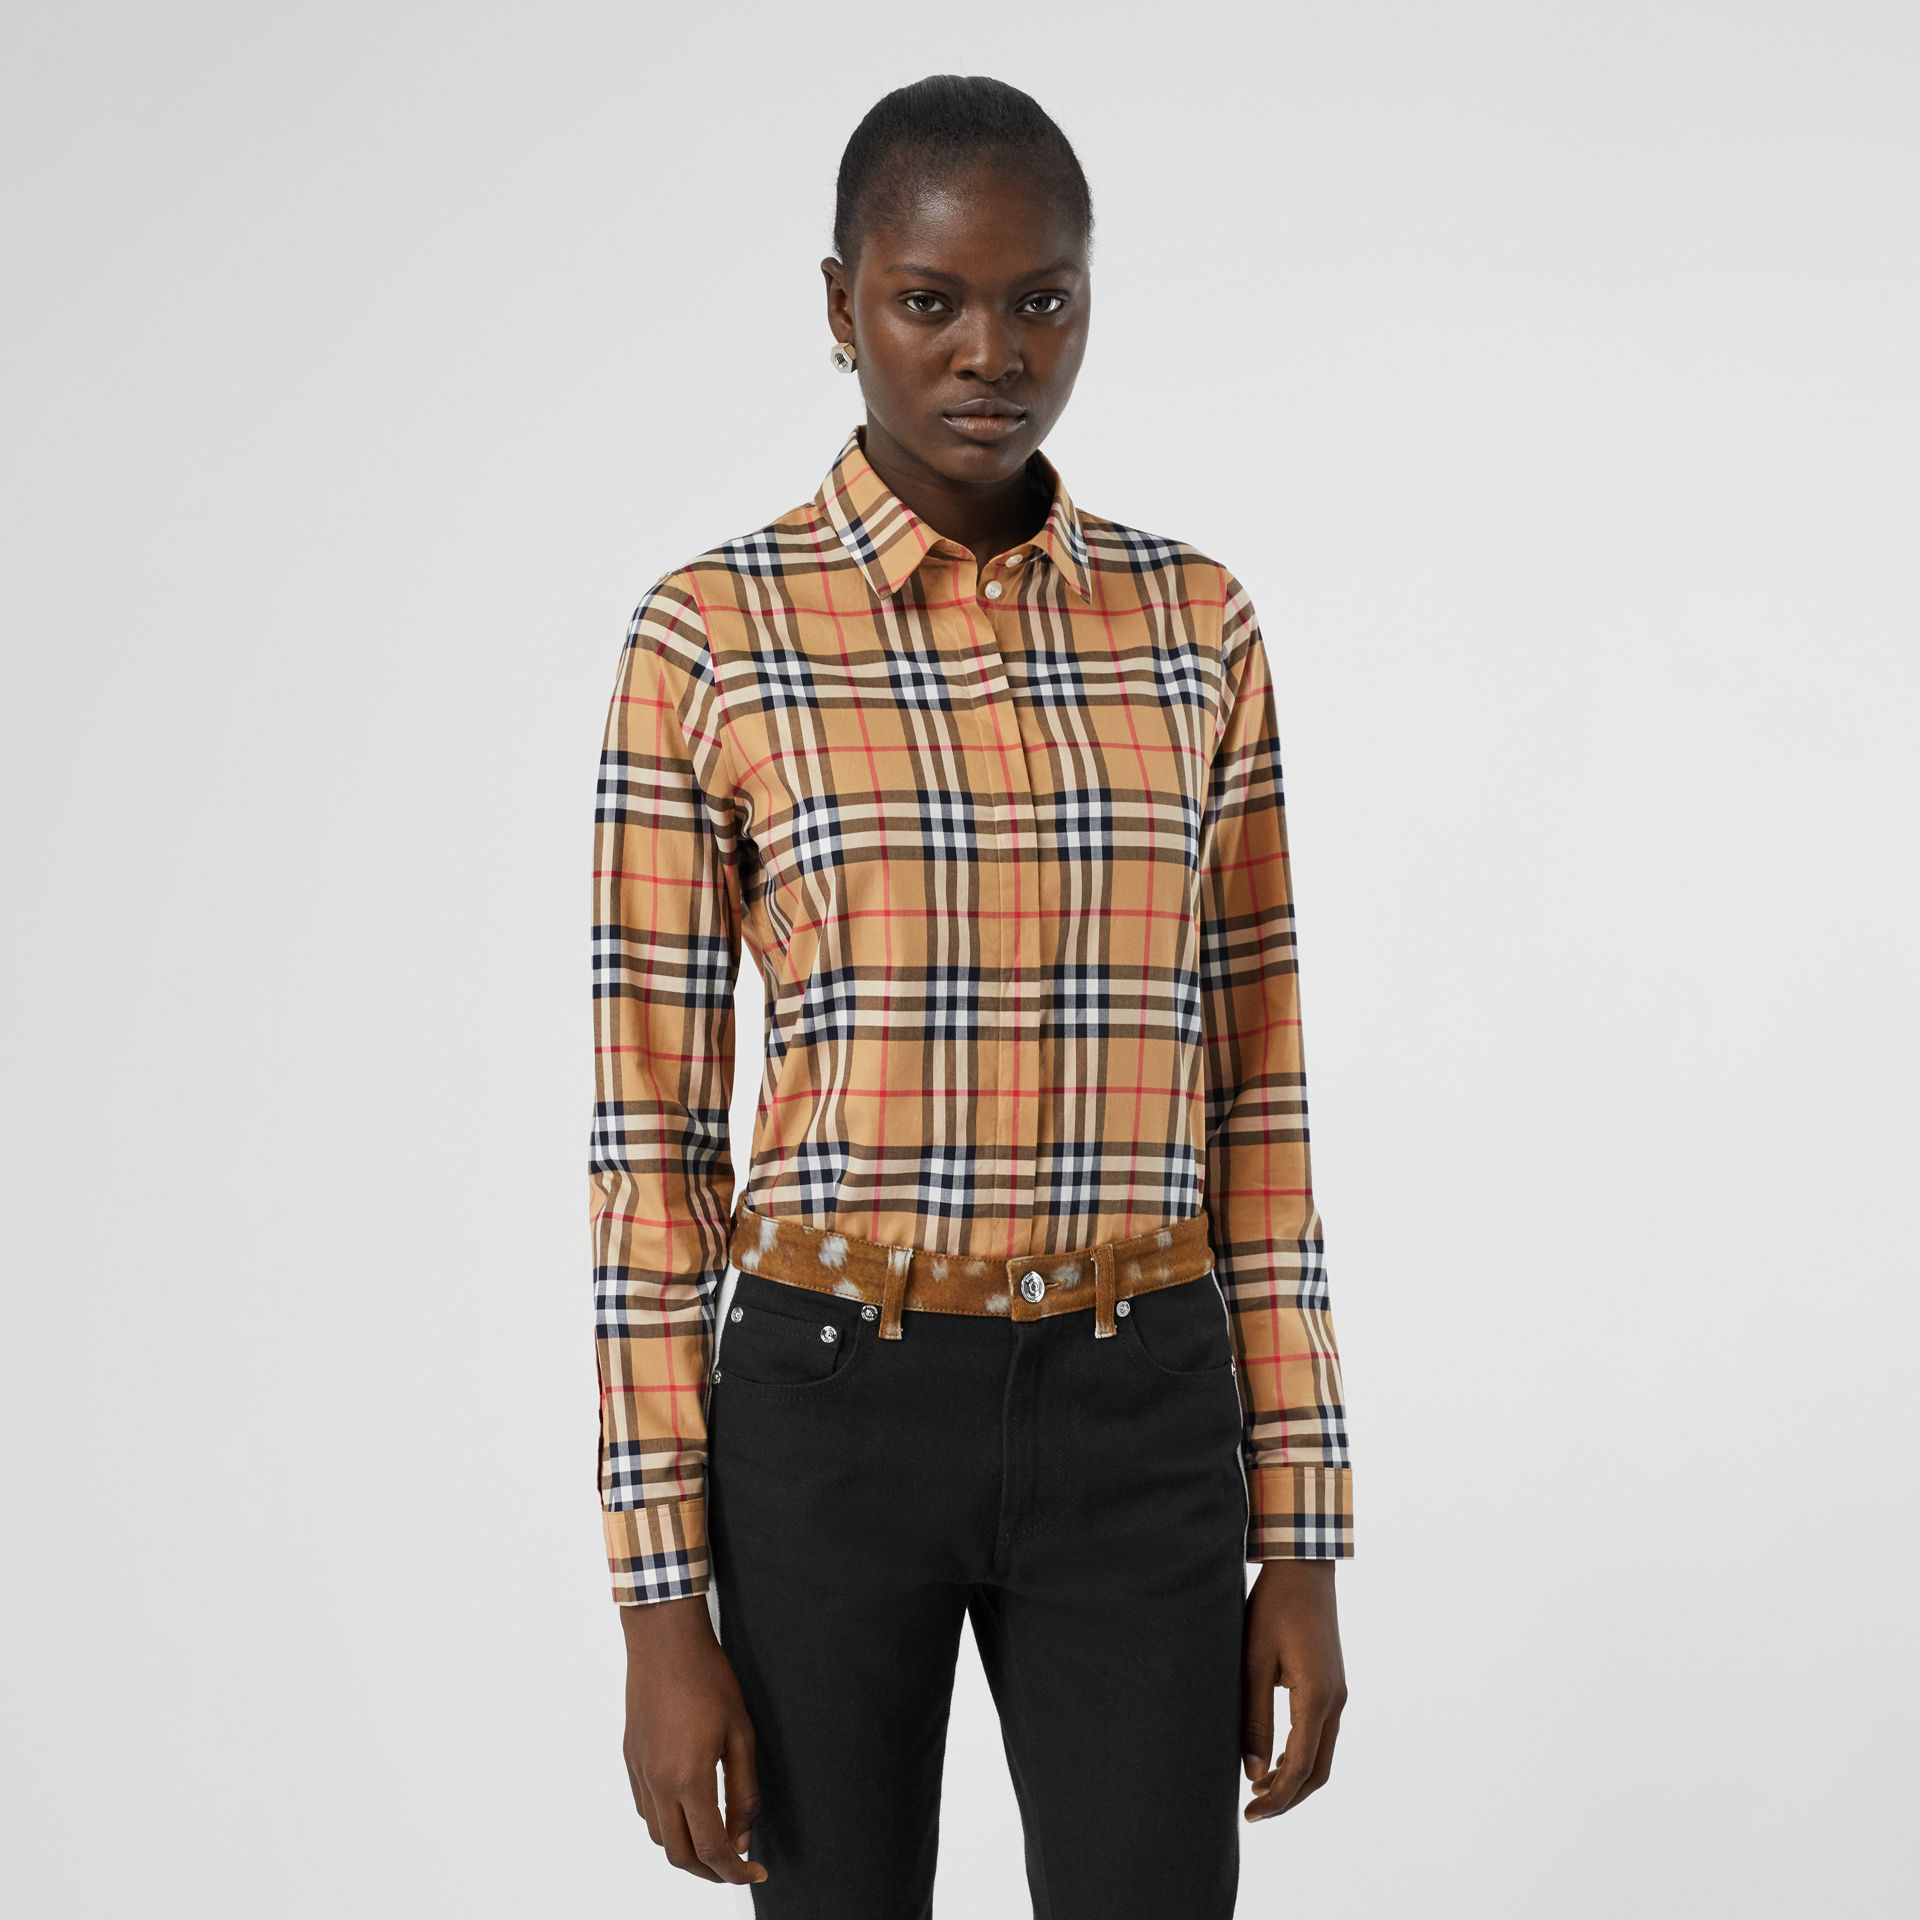 Объемная рубашка в клетку Vintage Check (Античный Желтый) - Для женщин | Burberry - изображение 4